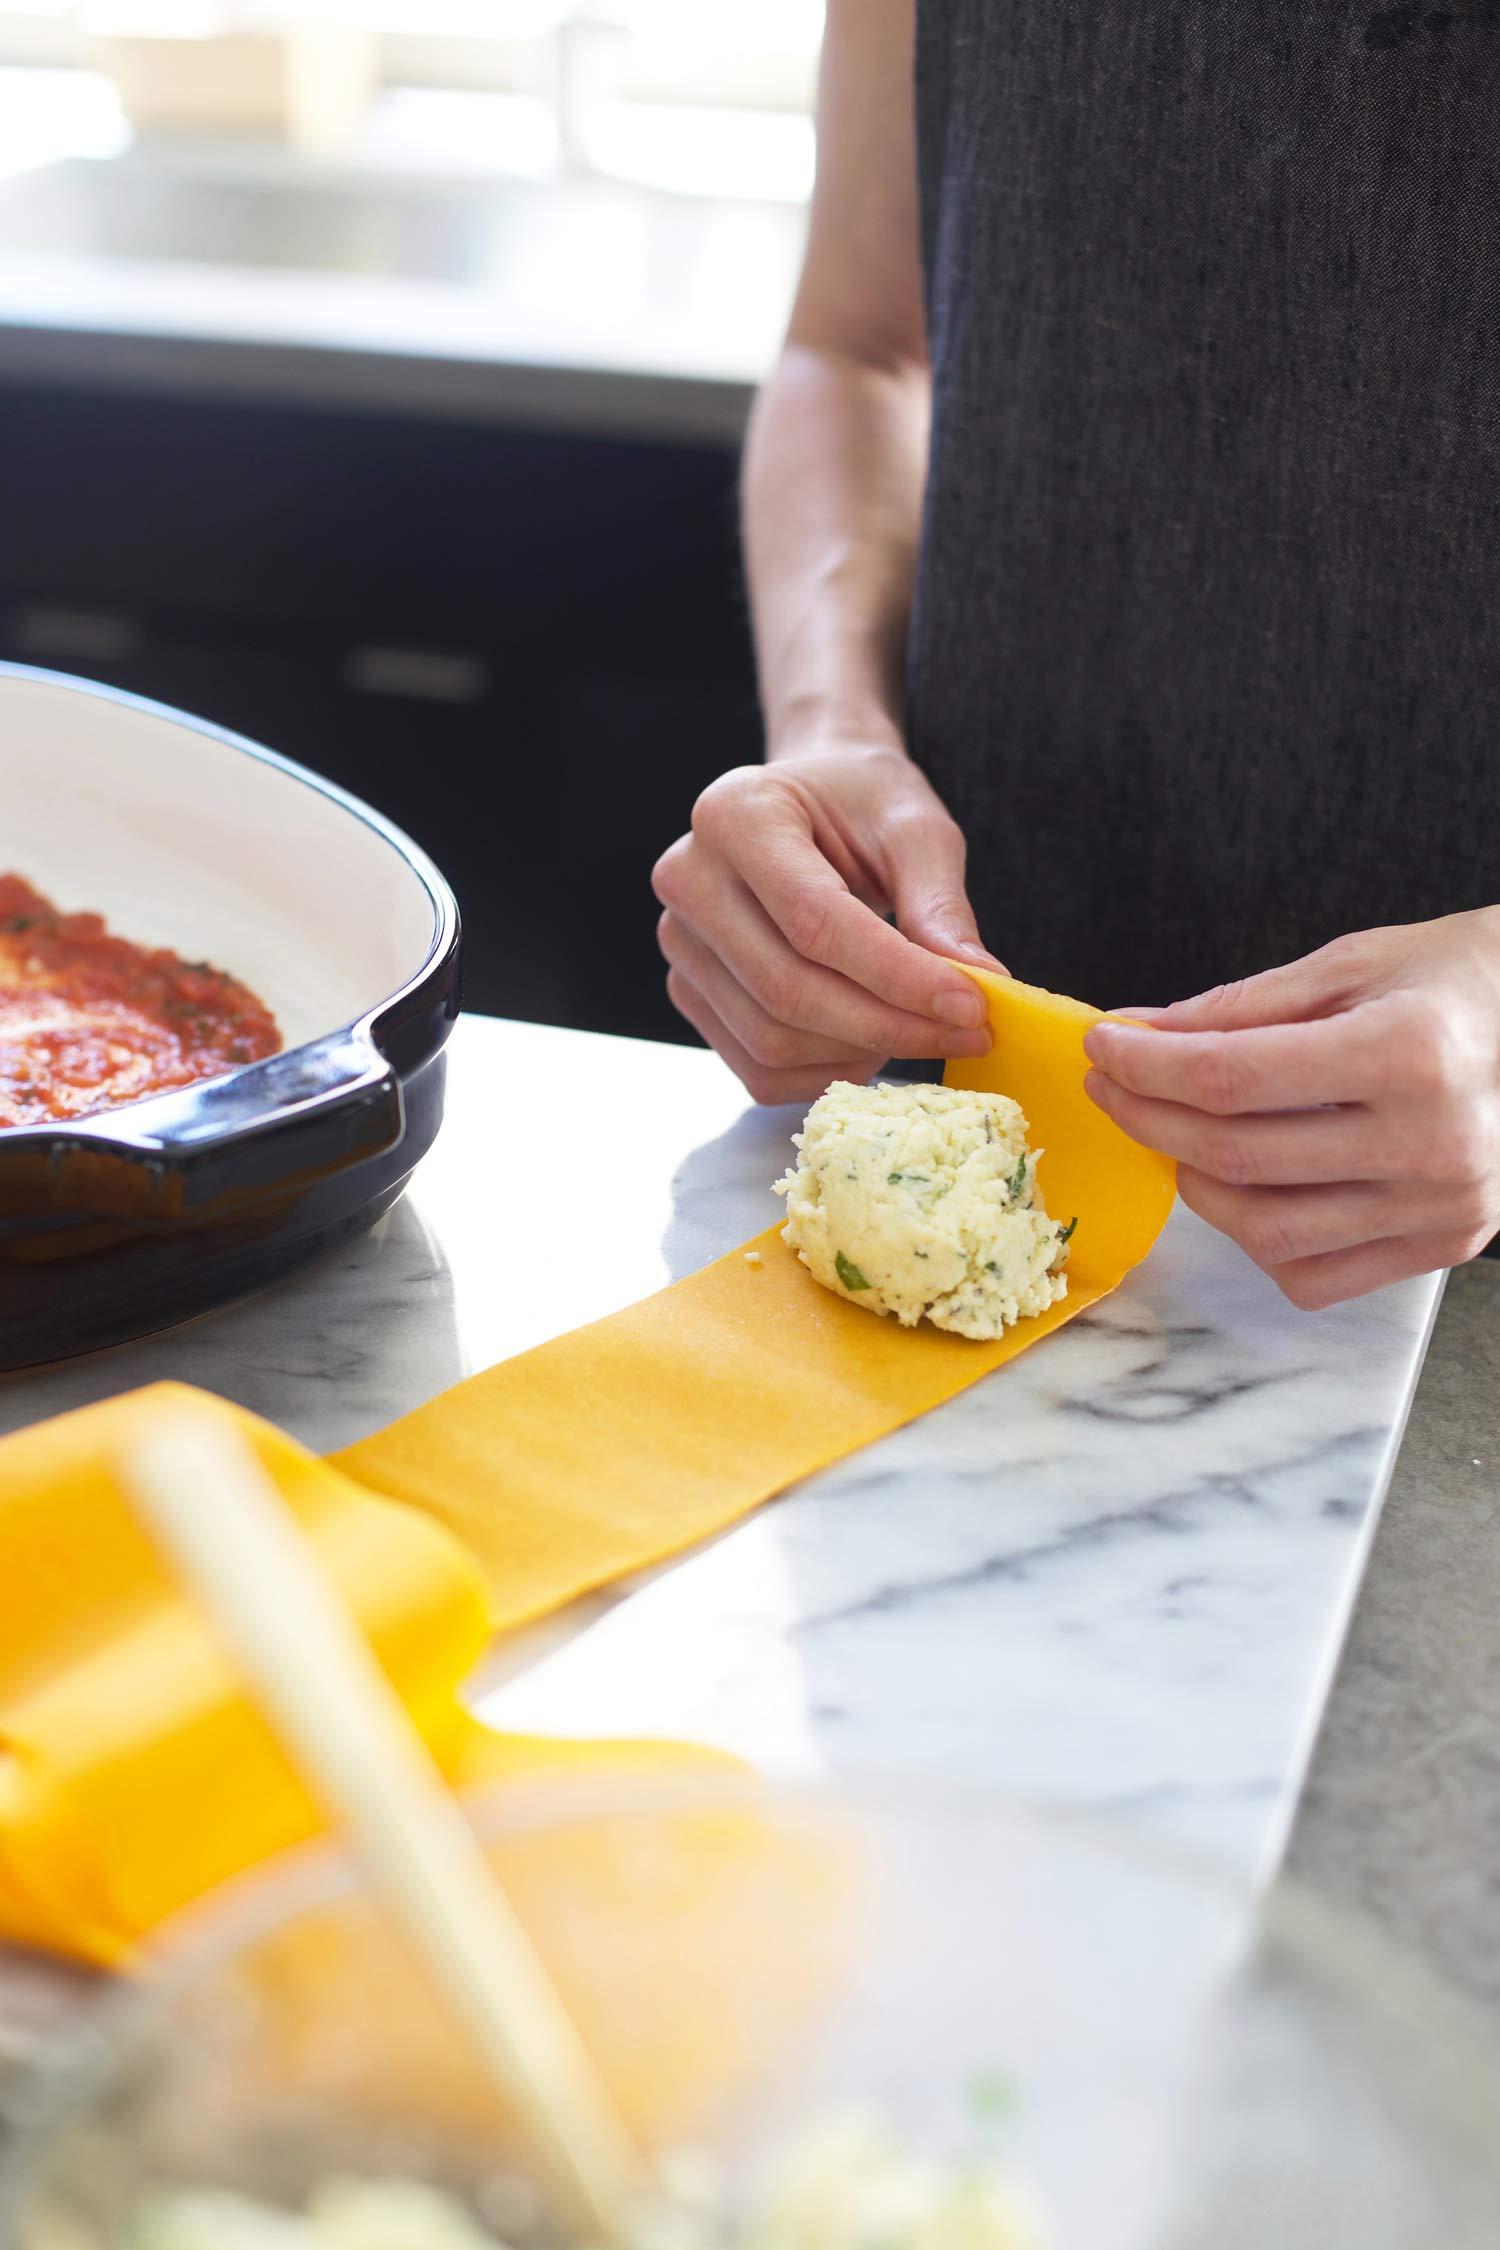 preparing butternut squash manicotti